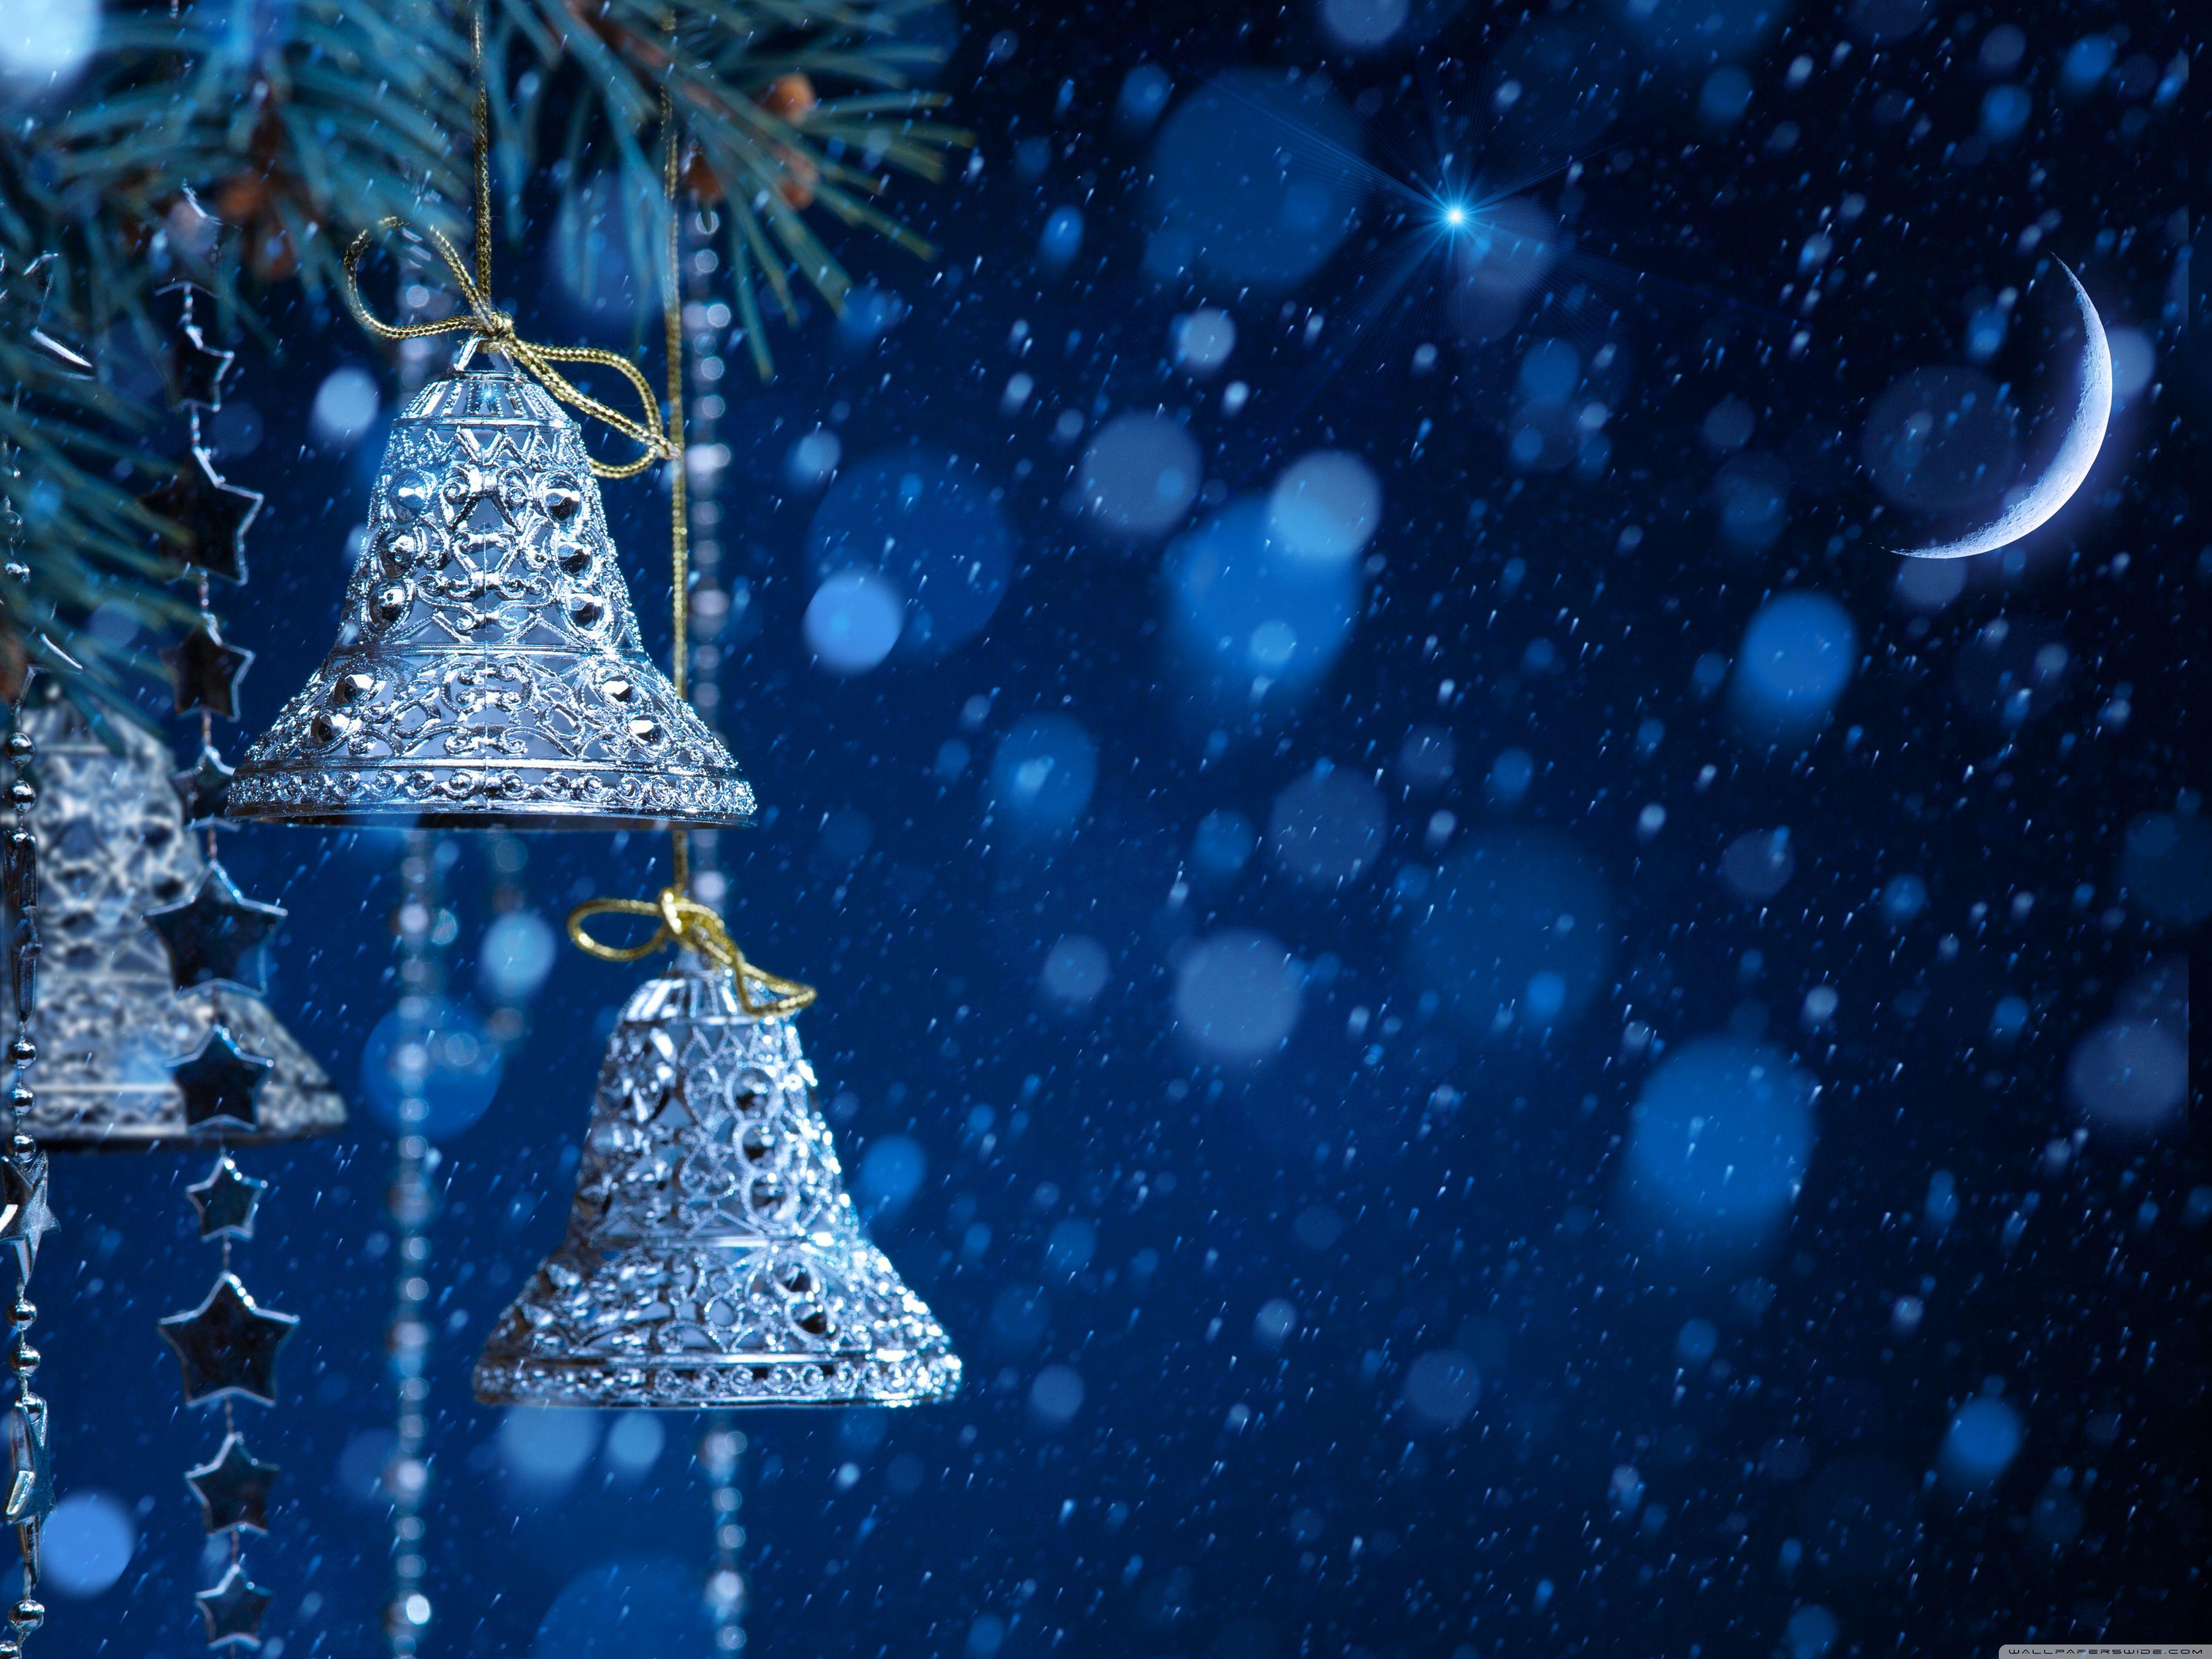 Christmas Bells Hd Desktop Wallpaper Widescreen High Definition Fullscreen Mobile Silver Christmas Christmas Wallpaper Ipad Air Wallpaper